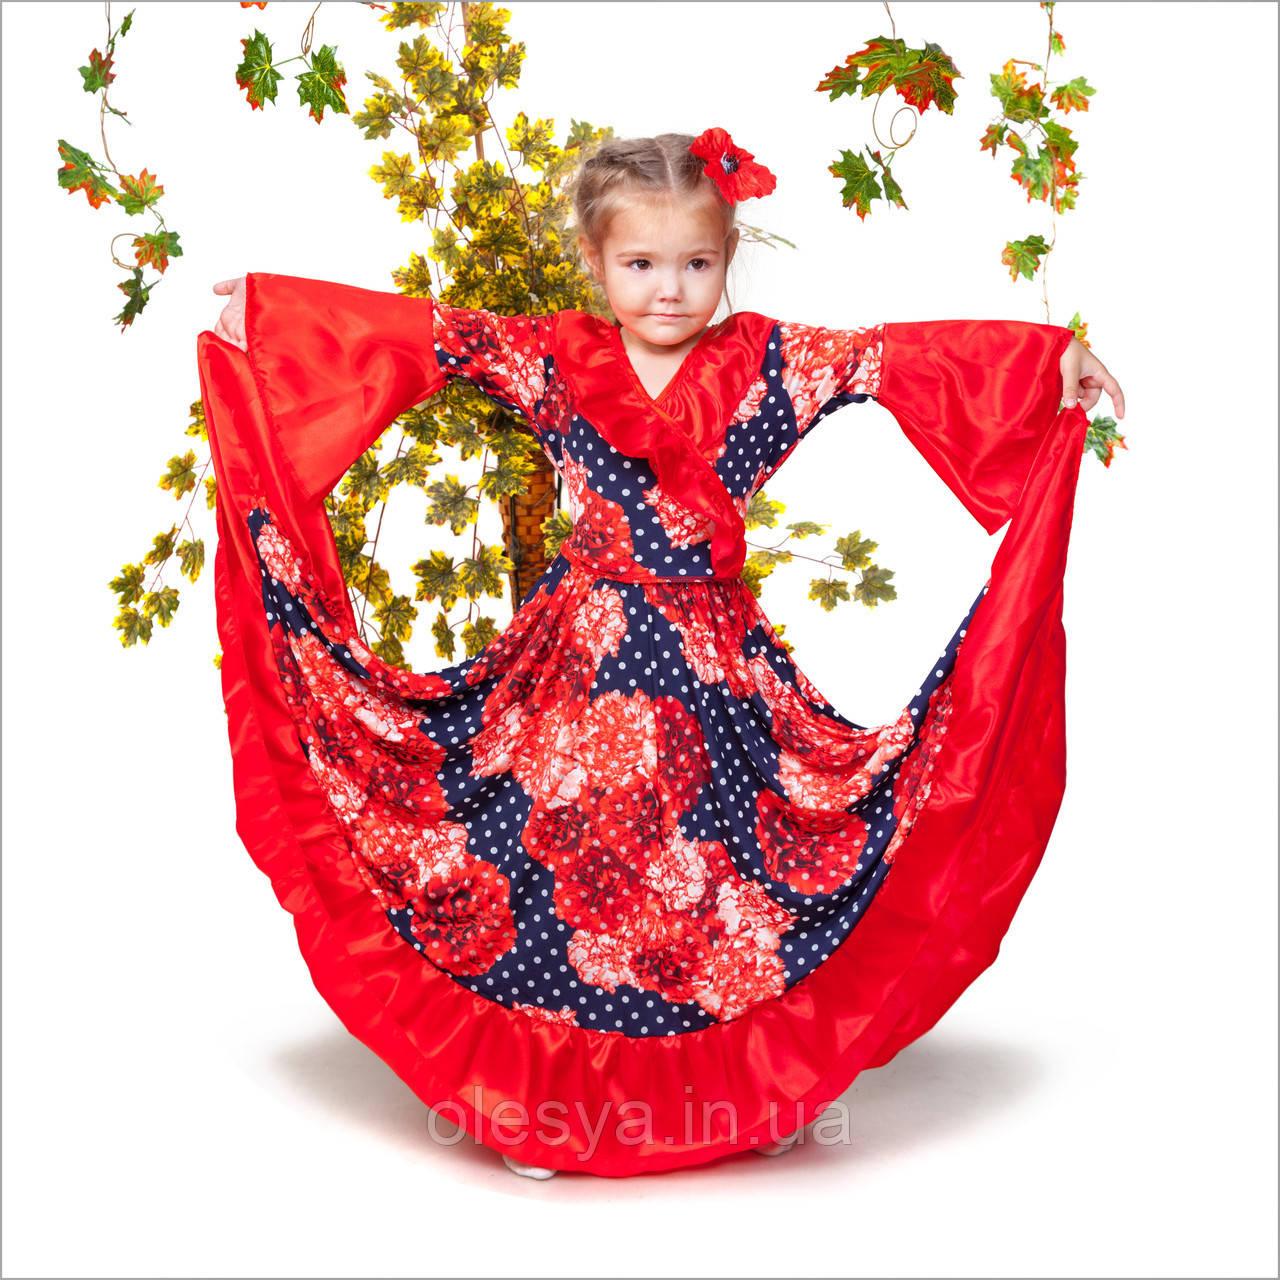 Детский карнавальный костюм Цыганки Два размера